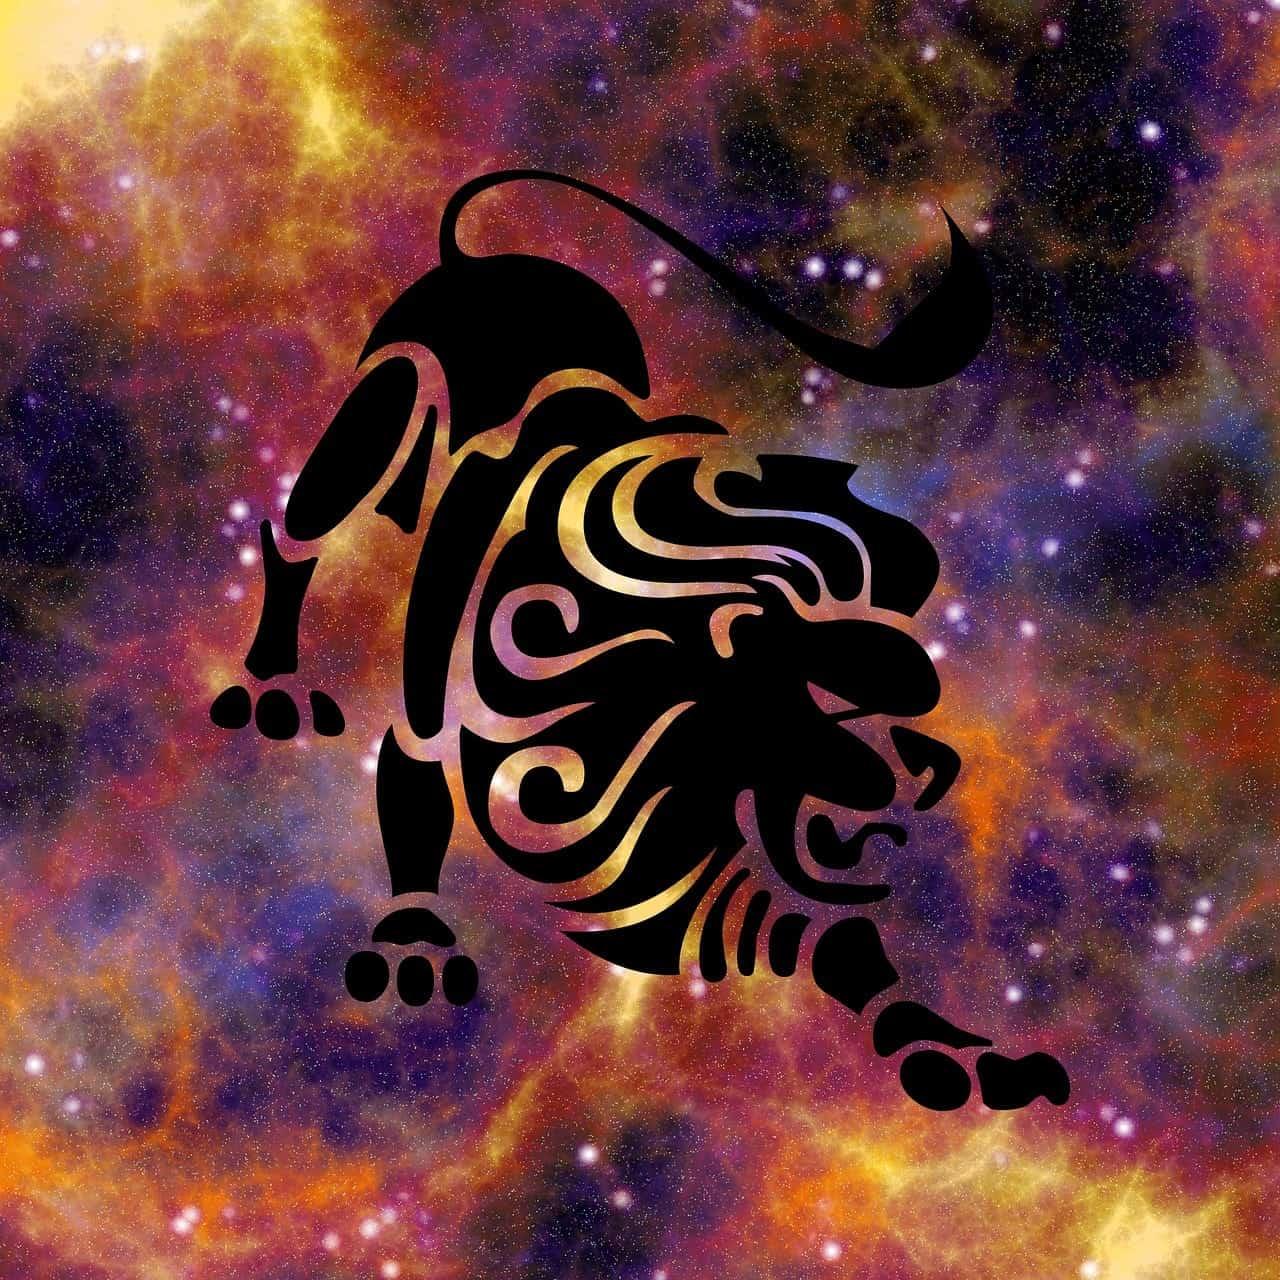 horoscopo semanal gratis leo horóscopo de la semana, del 13 al 19 de mayo 2019, ¡grandes propuest ID187657 - hermandadblanca.org